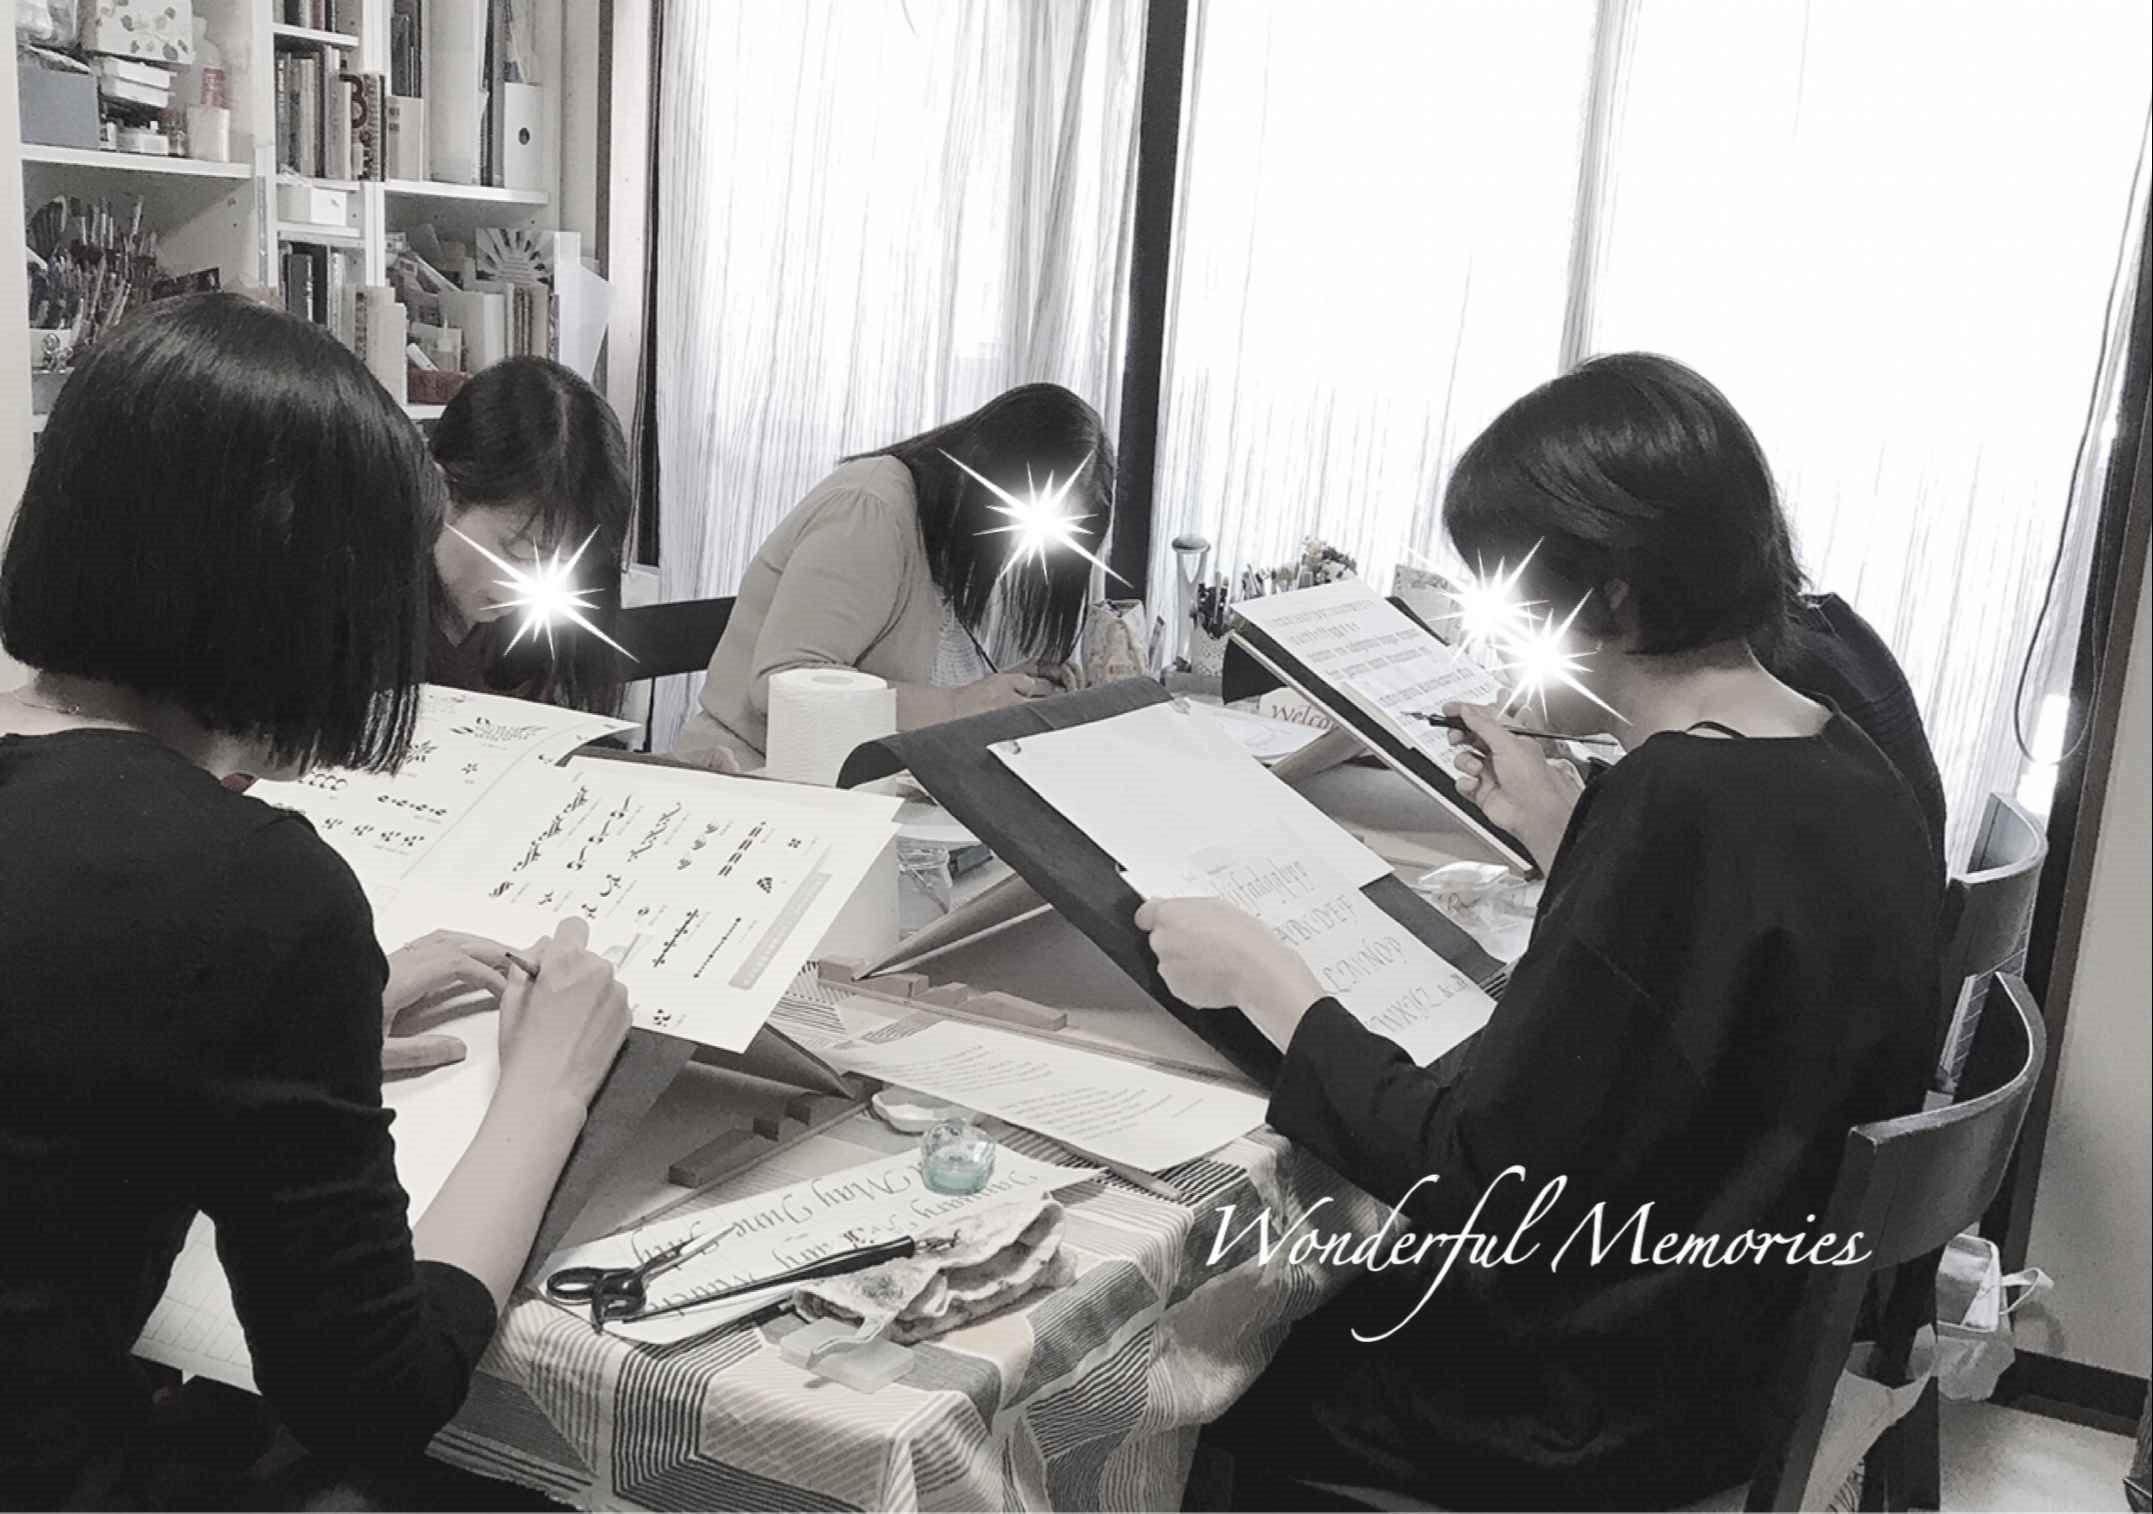 カリグラフィー教室ワンダフルメモリーズ 横浜自宅教室